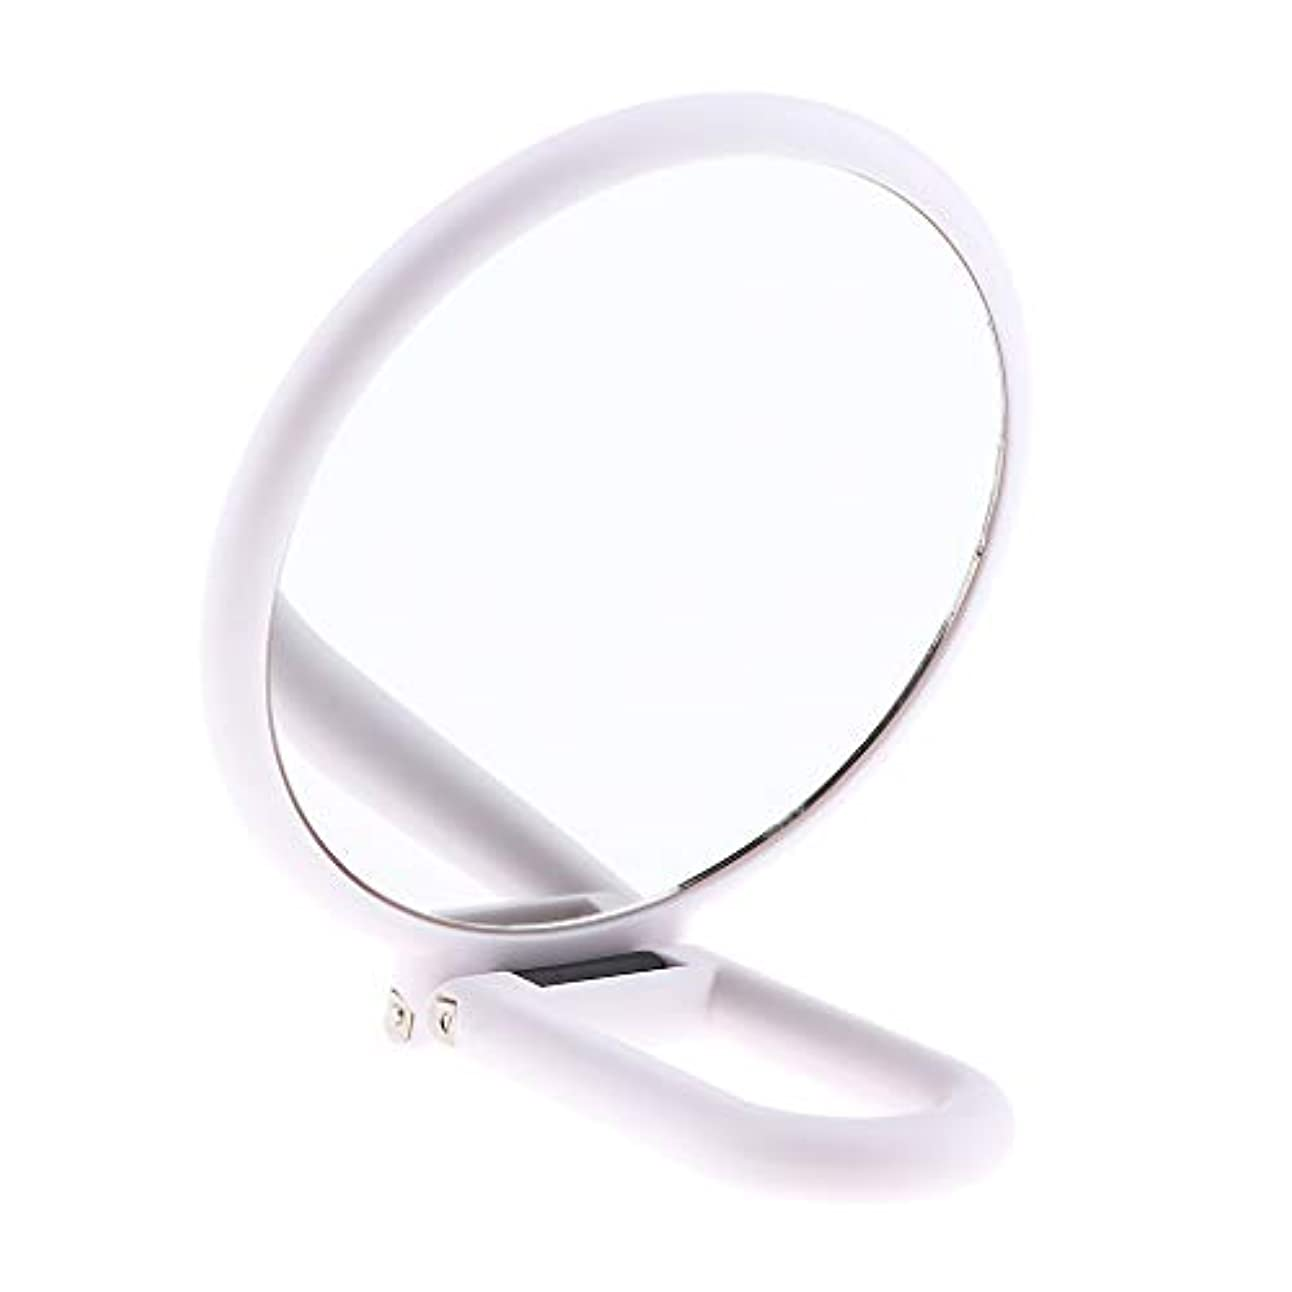 優越何十人もループP Prettyia ダブルサイド化粧鏡 拡大鏡 メイクアップミラー 旅行小部 白い 折りたたみ式 5仕様選べ - 10倍